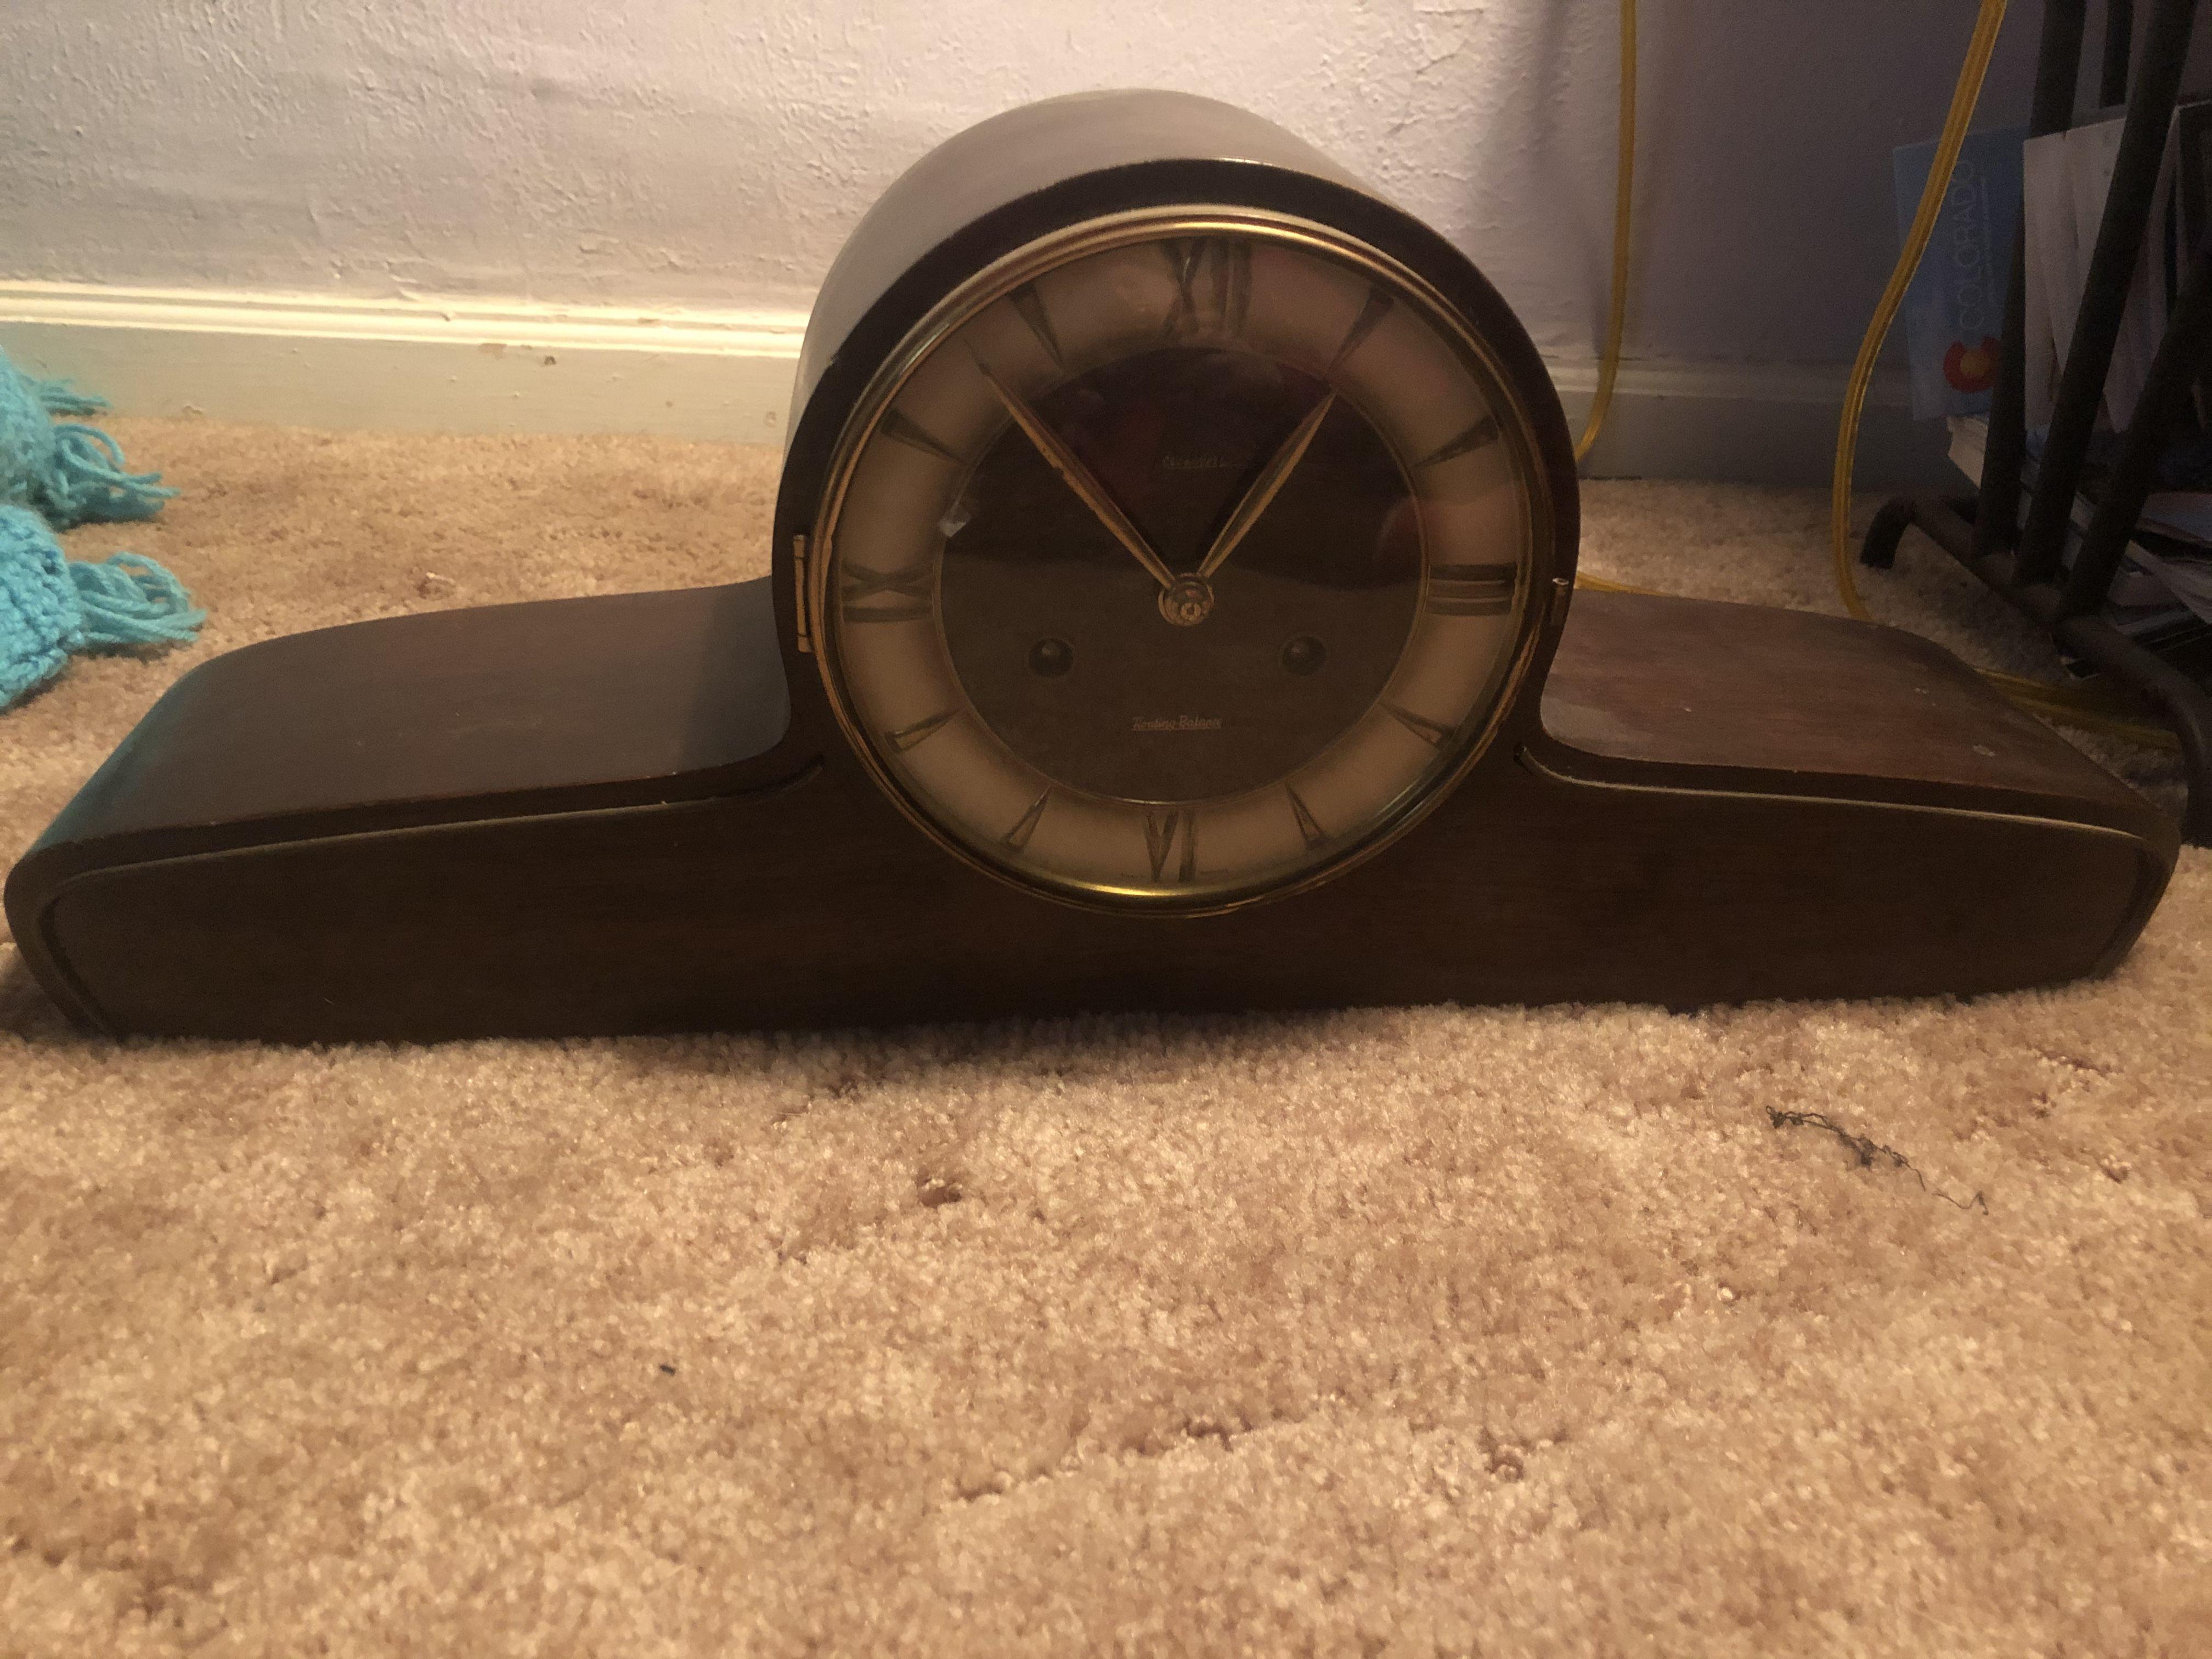 Antique clock image 1